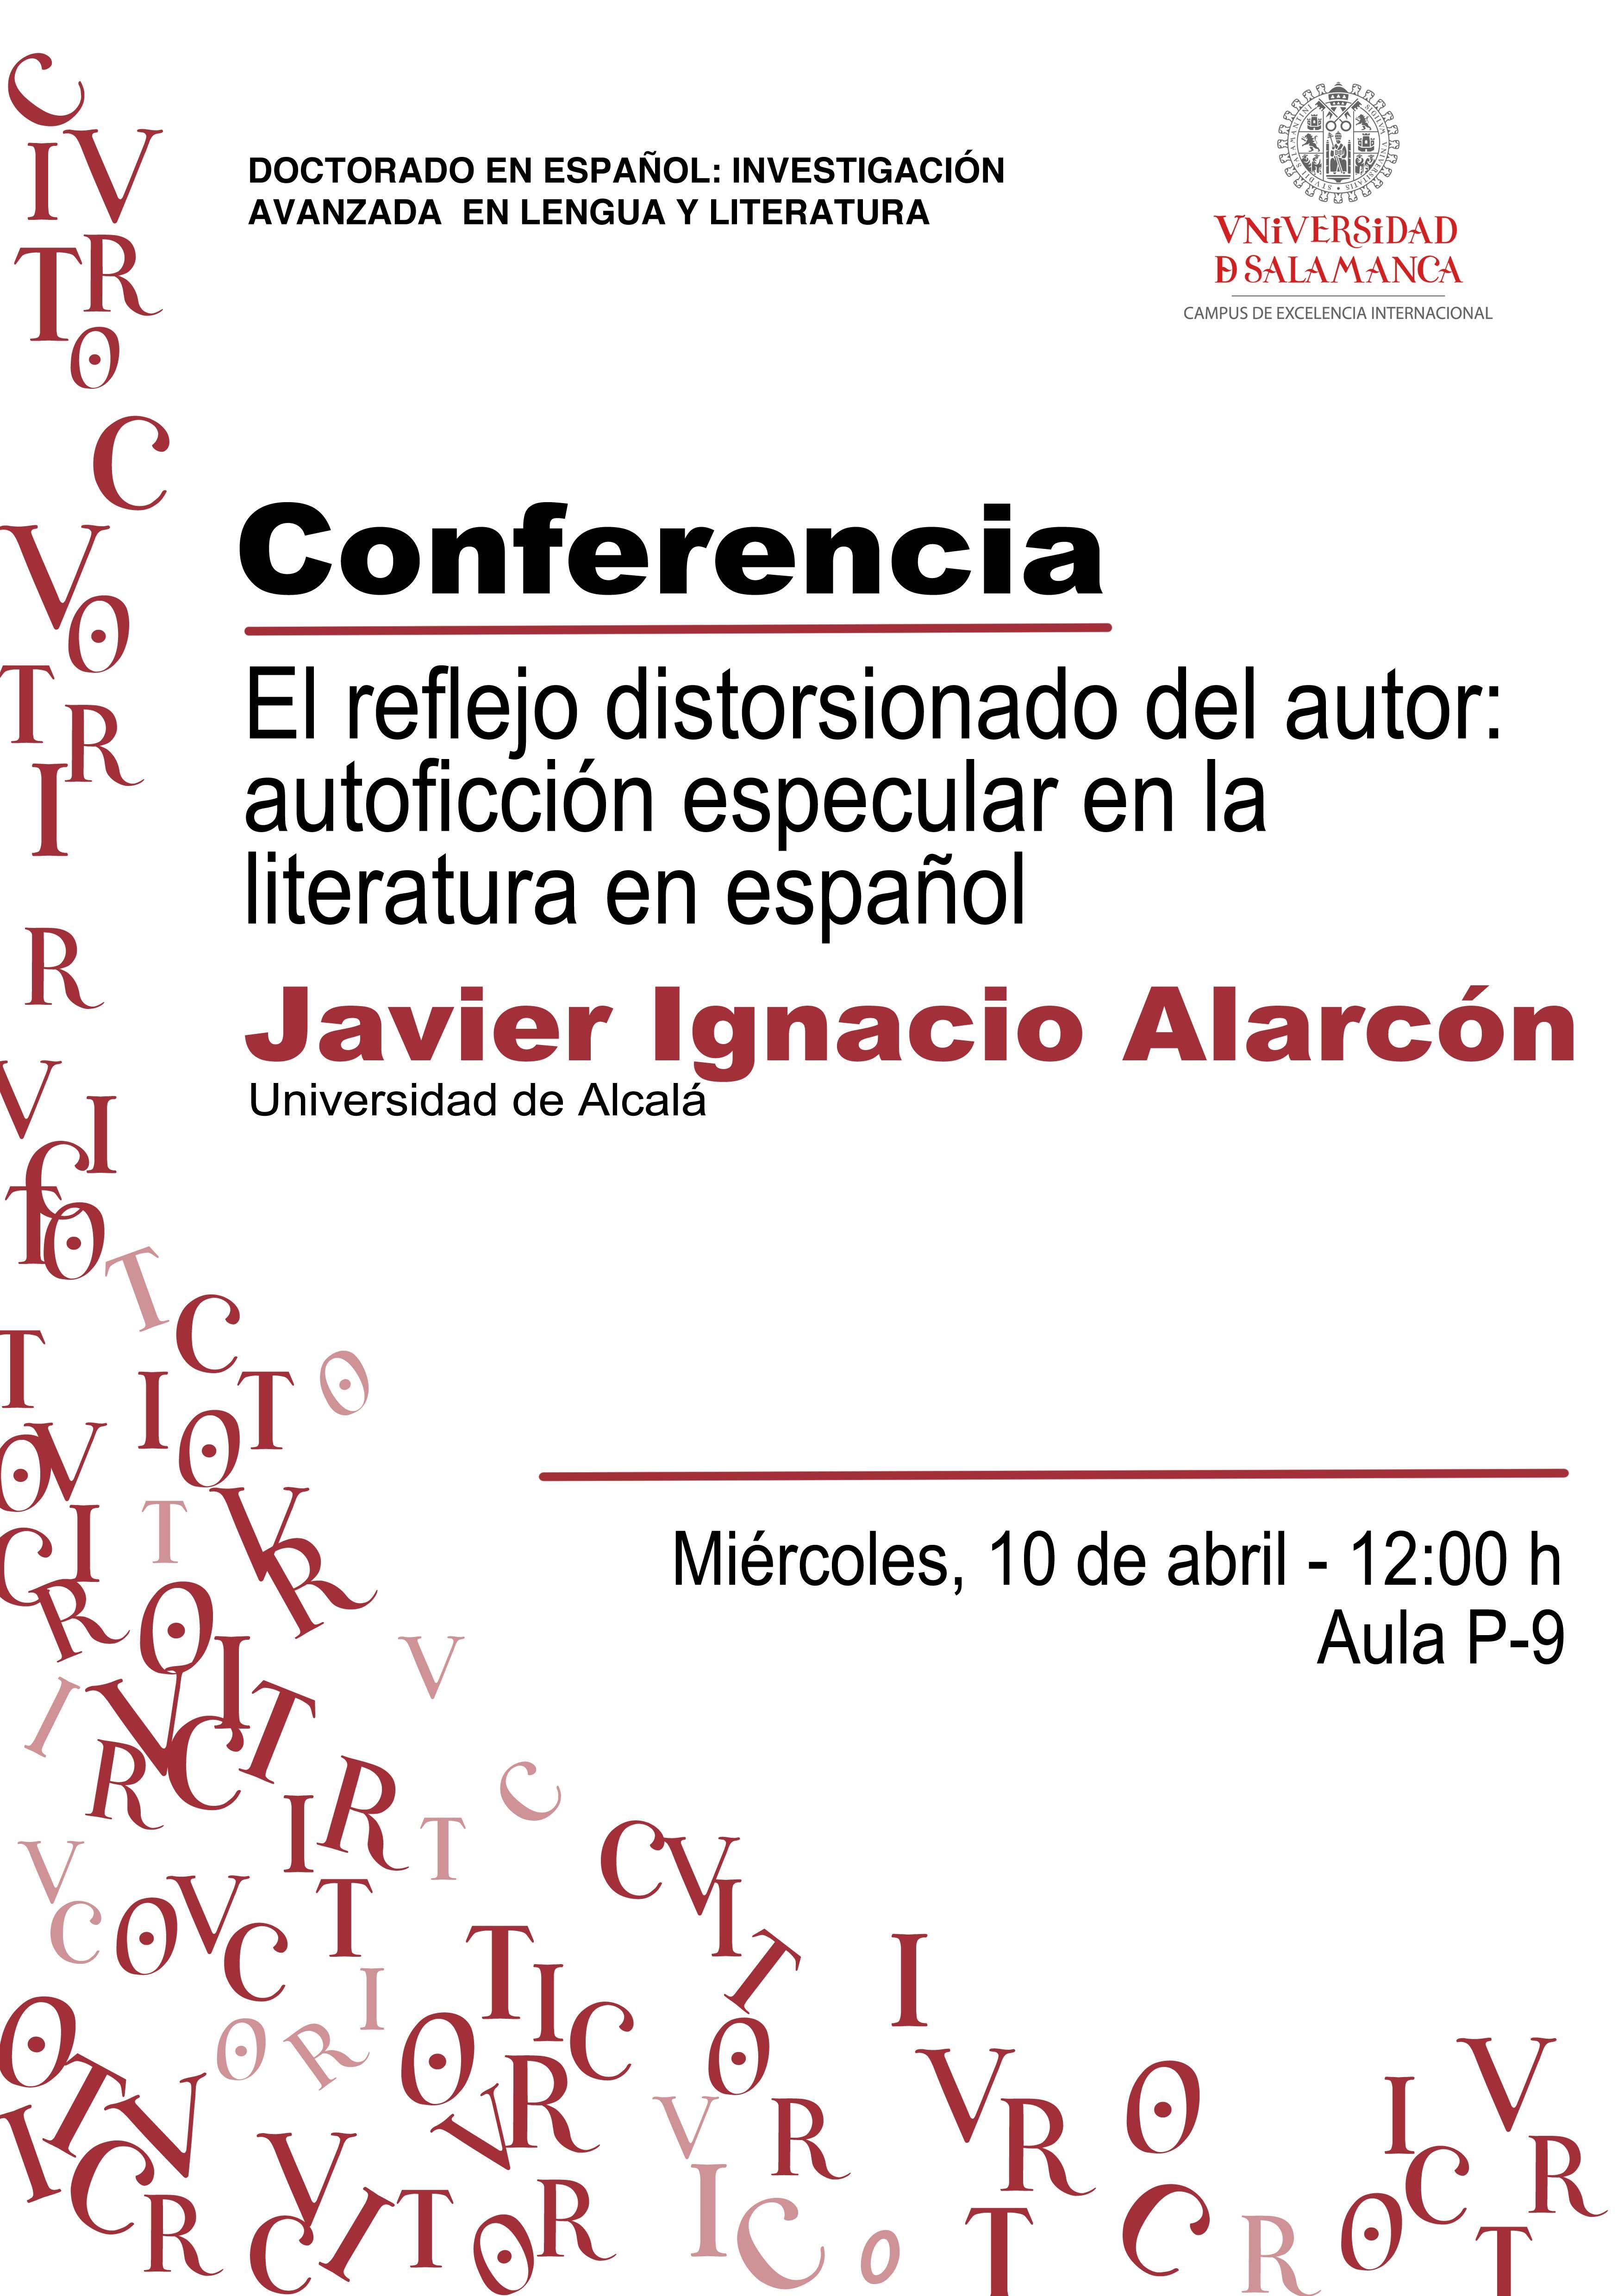 Conferencia Javier Ignacio Alarcón